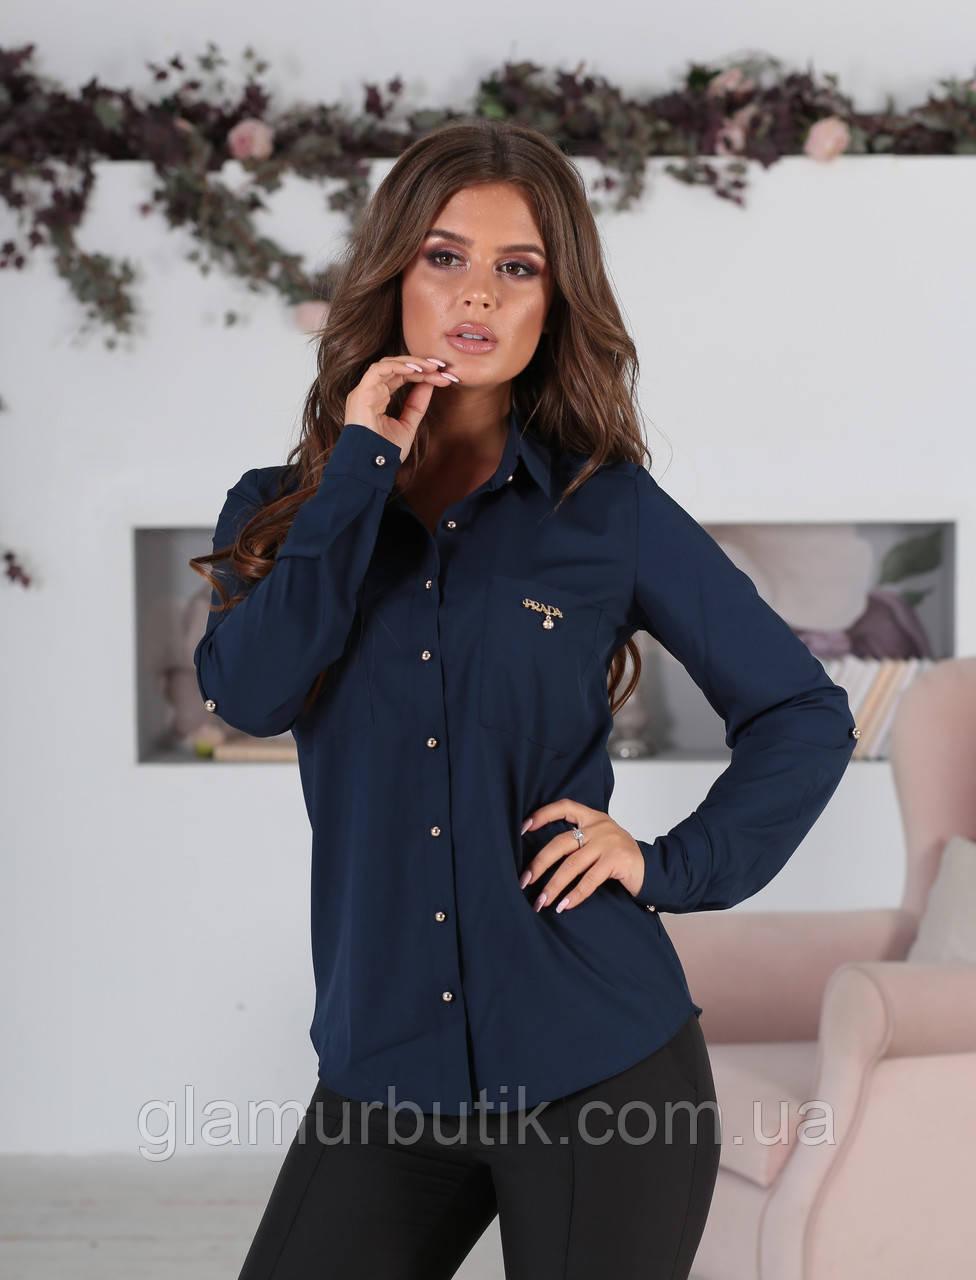 72975c75607d Классическая женская блузка с длинным рукавом и карманами синяя 42 44 46 48  батал 50 52 54 ...